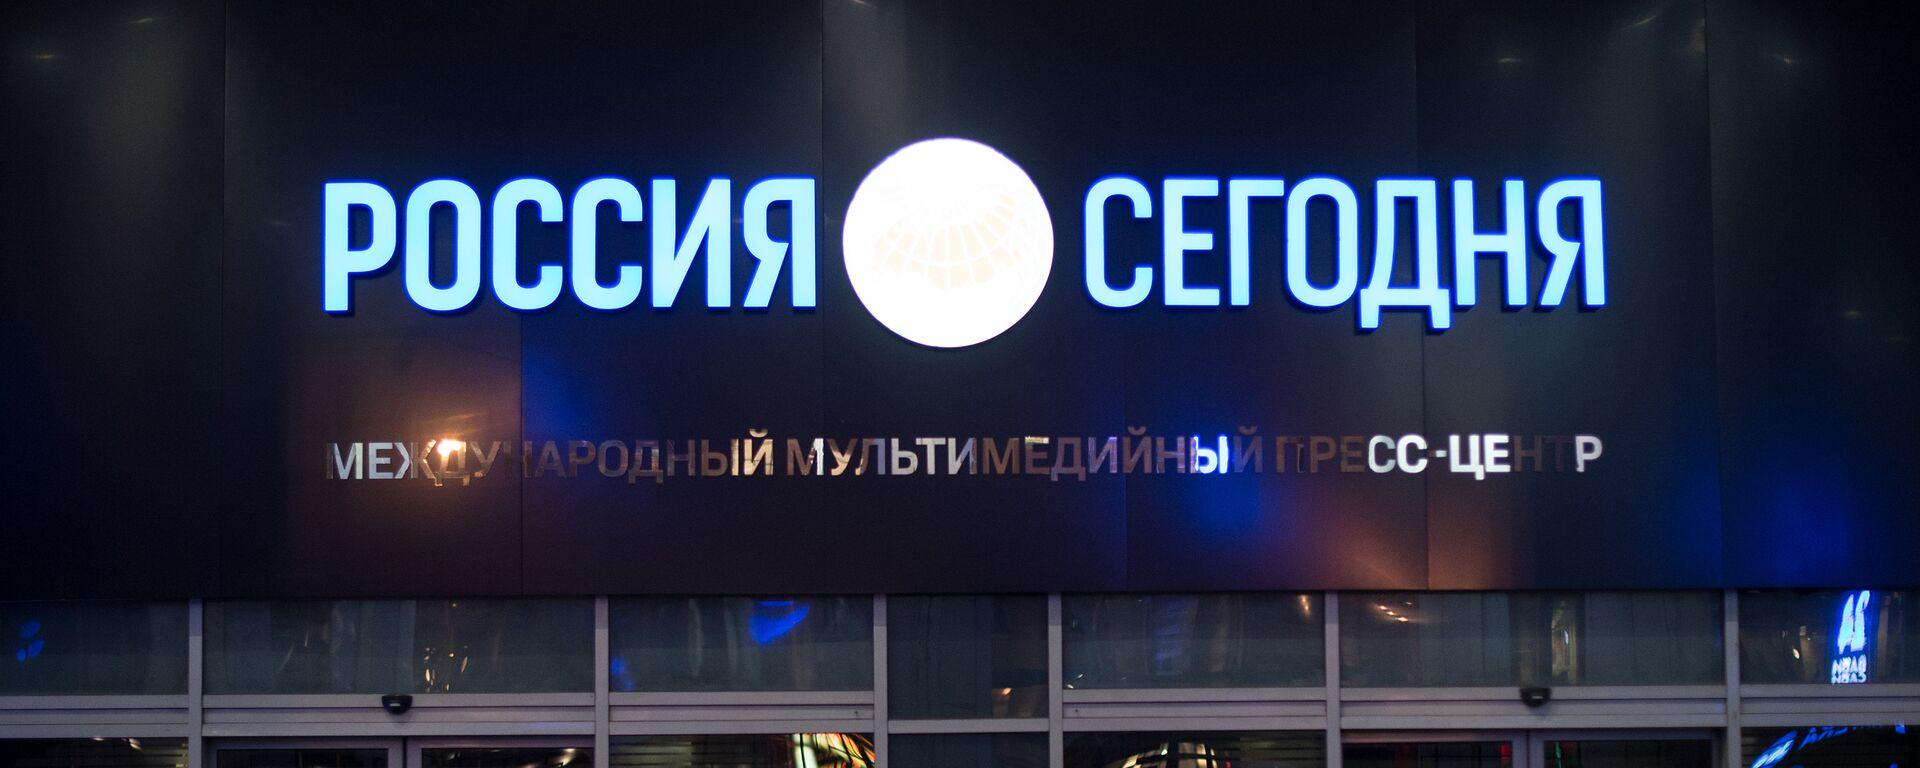 """У згради је смештена МИА """"Росија севодња"""" и њени брендови — """"Спутњик"""", РИА """"Новости"""", """"Р-Спорт"""", РИА """"Рејтинг"""", """"ИноСМИ"""", """"Прајм"""", РИА """"Некретнине"""" - Sputnik Србија, 1920, 18.06.2021"""